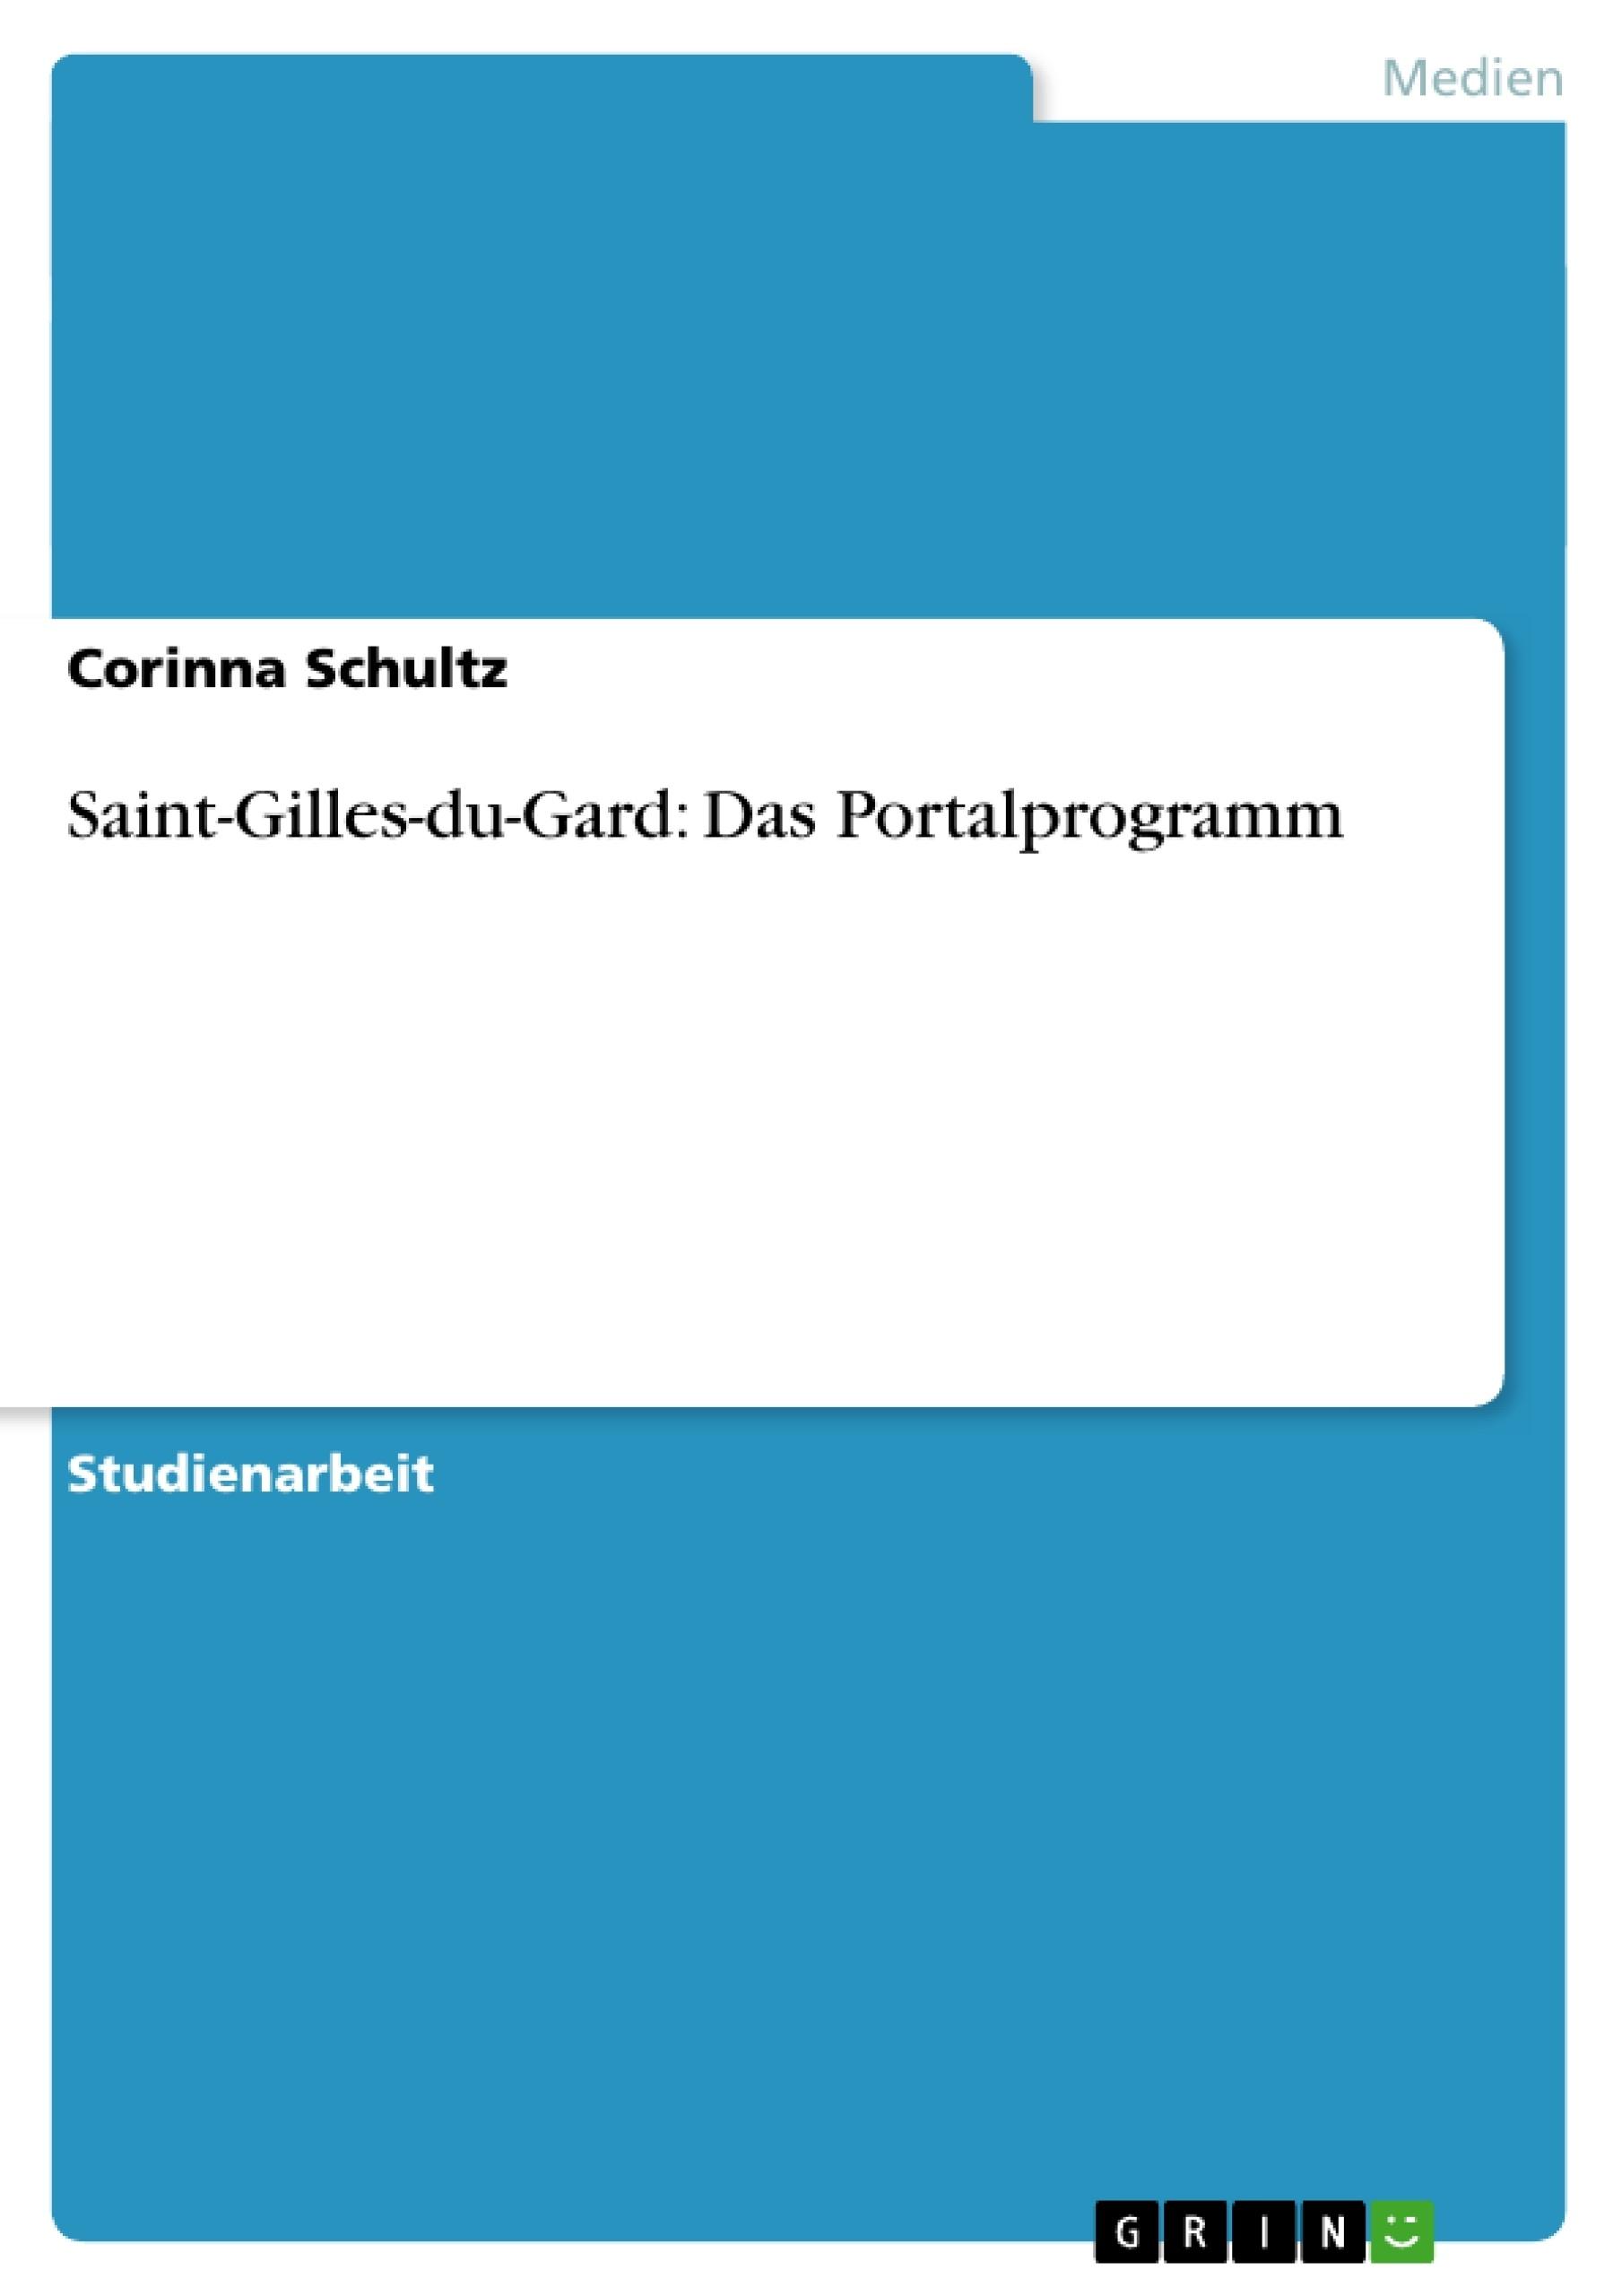 Titel: Saint-Gilles-du-Gard: Das Portalprogramm